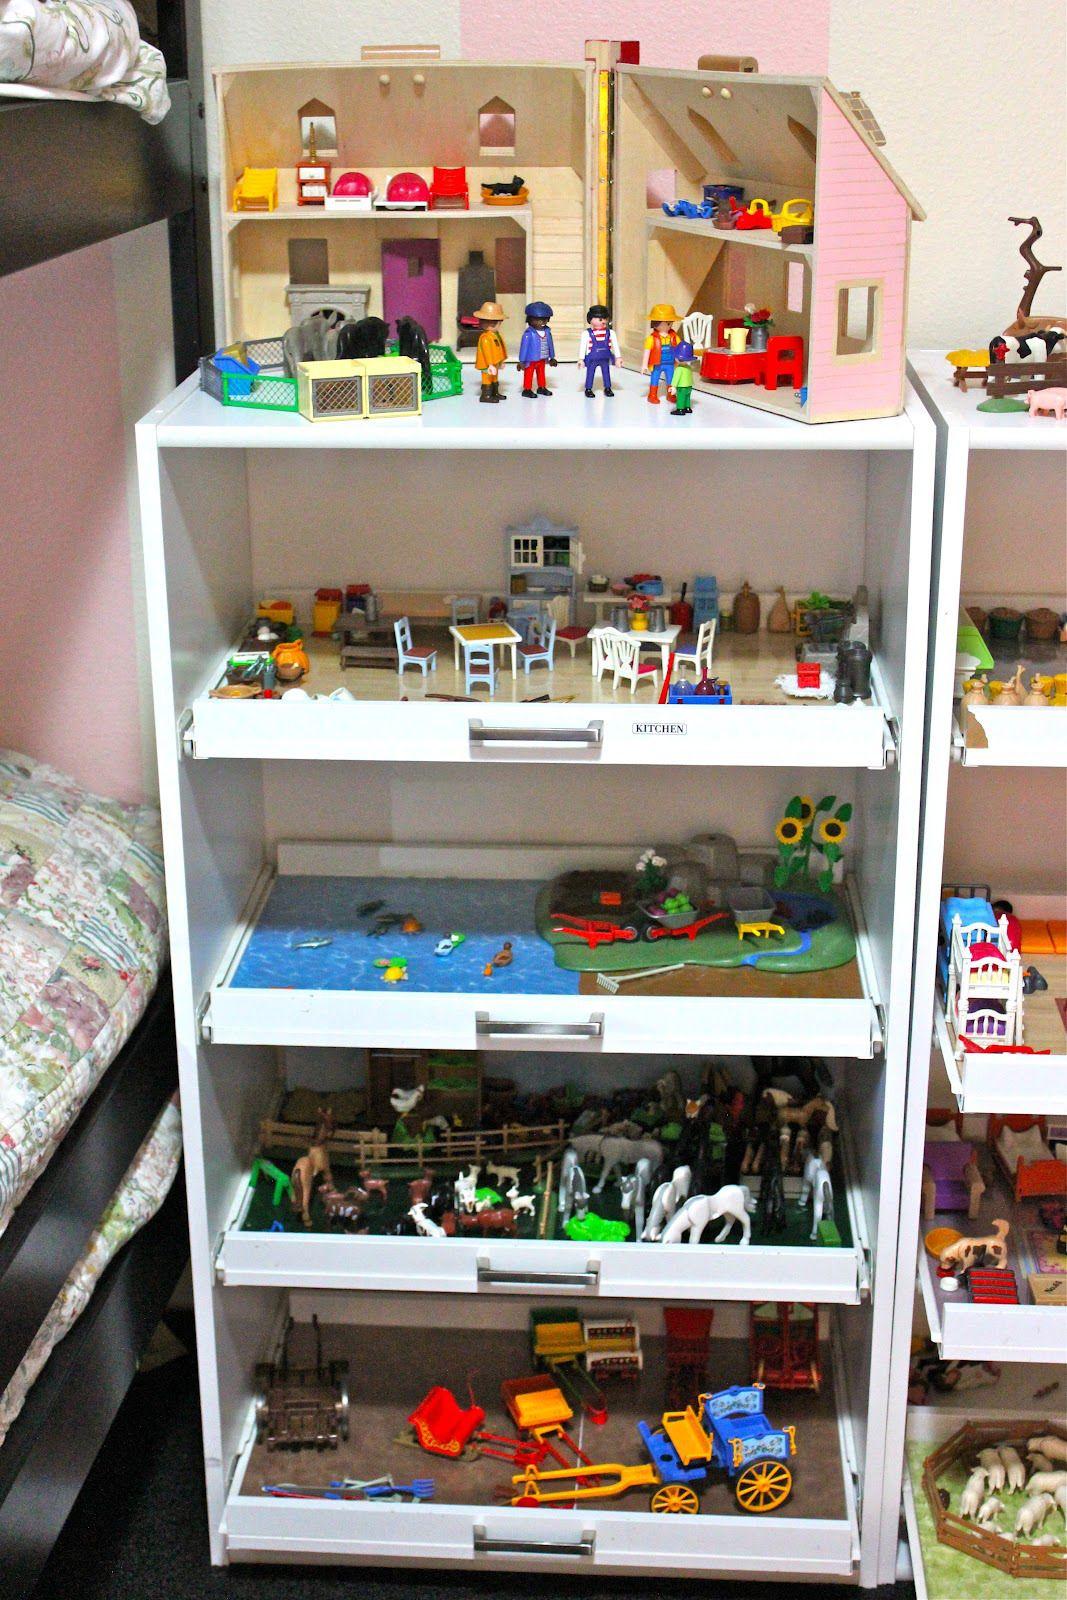 Playmobil display kinderzimmer jungszimmer und h uschen for Kinderzimmer organizer